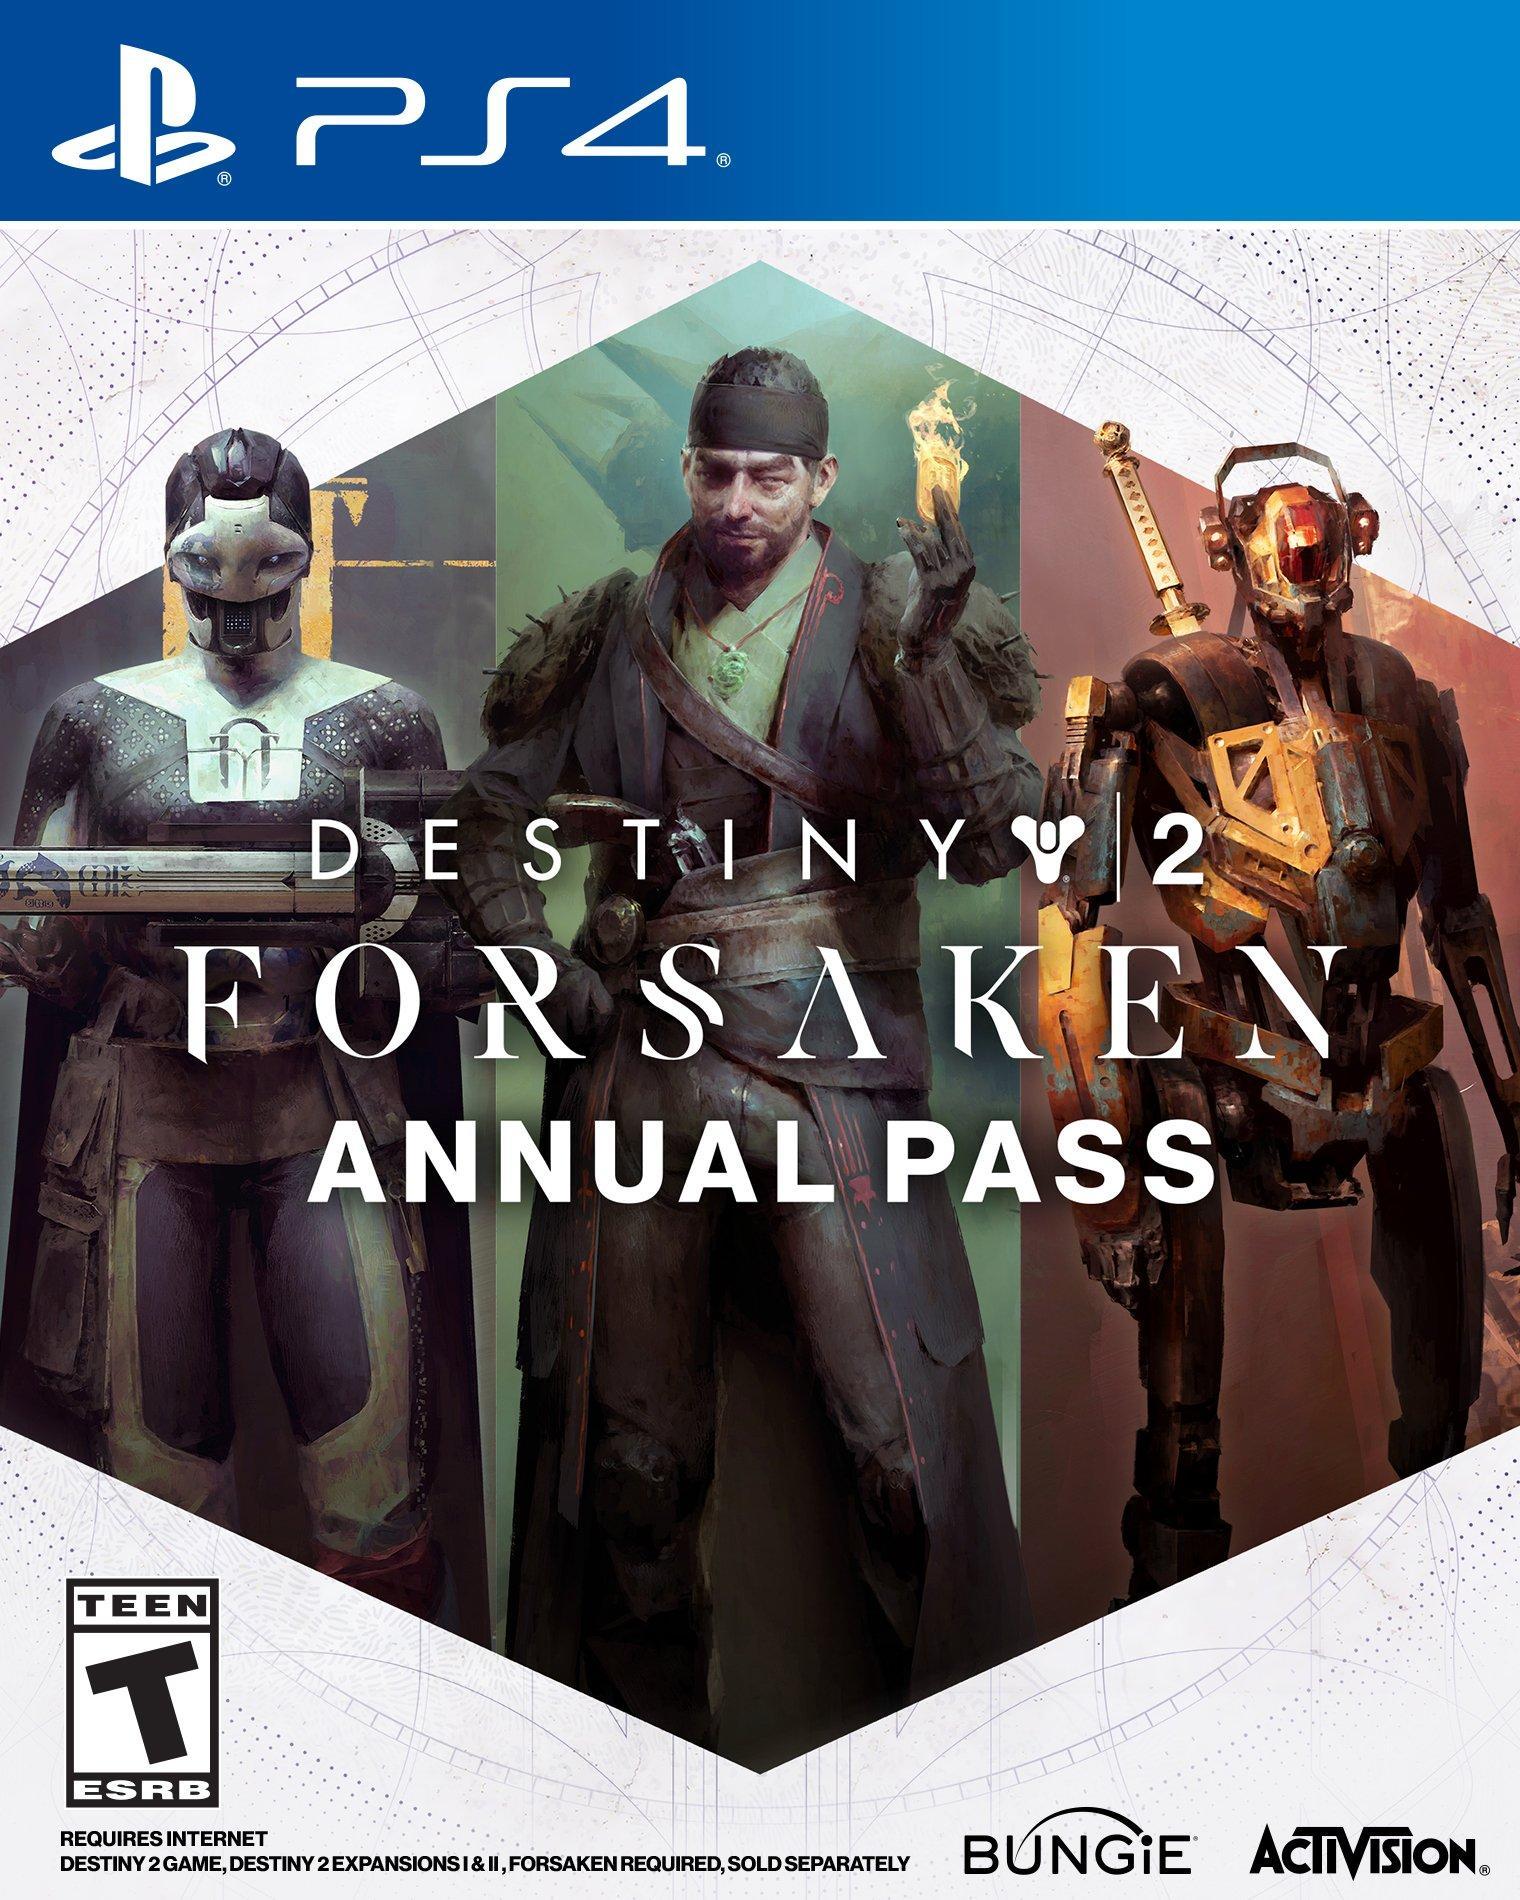 Destiny 2: Forsaken Annual Pass   PlayStation 4   GameStop